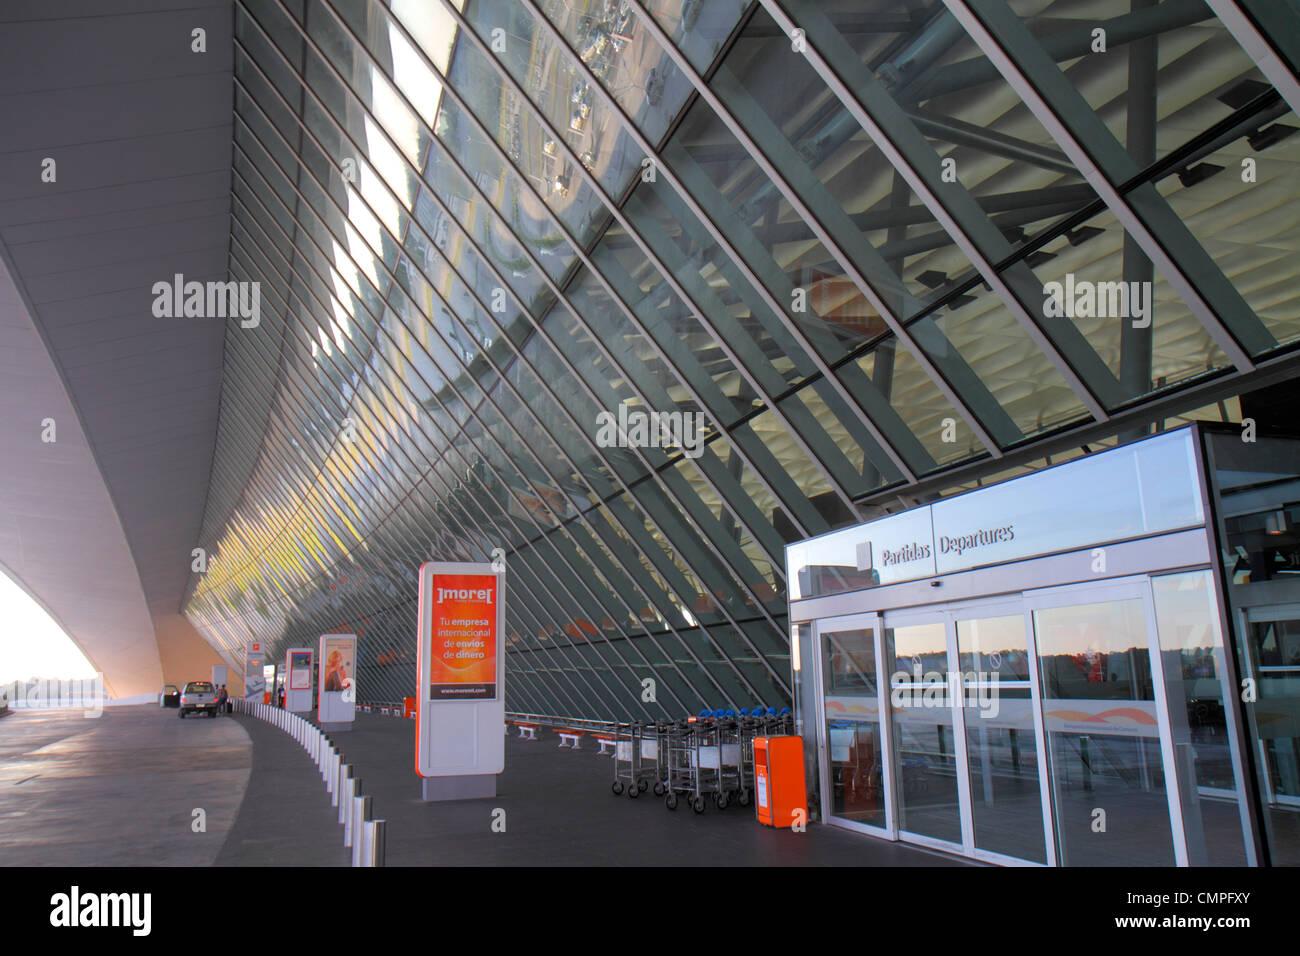 Uruguay Montevideo Carrasco Cesáreo Generale L. Berisso Aeroporto Internazionale MVD Nuevo nuovo terminale Immagini Stock